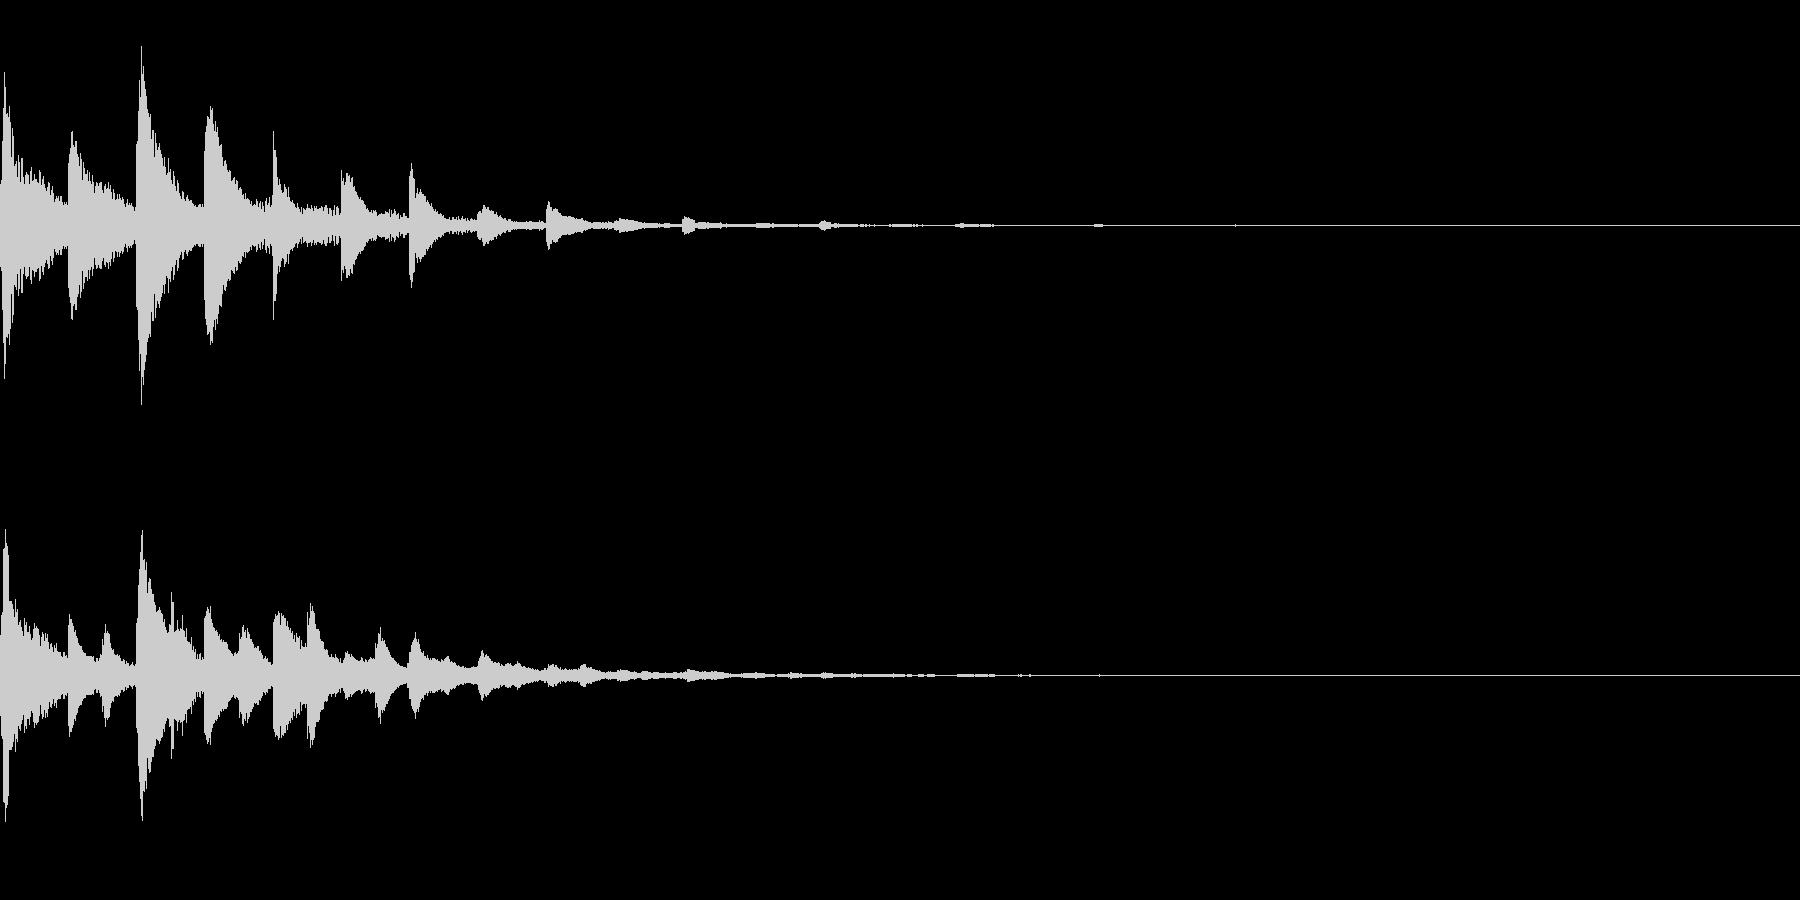 ピポパポ(テクノ/癒し系/ファミコン綺麗の未再生の波形